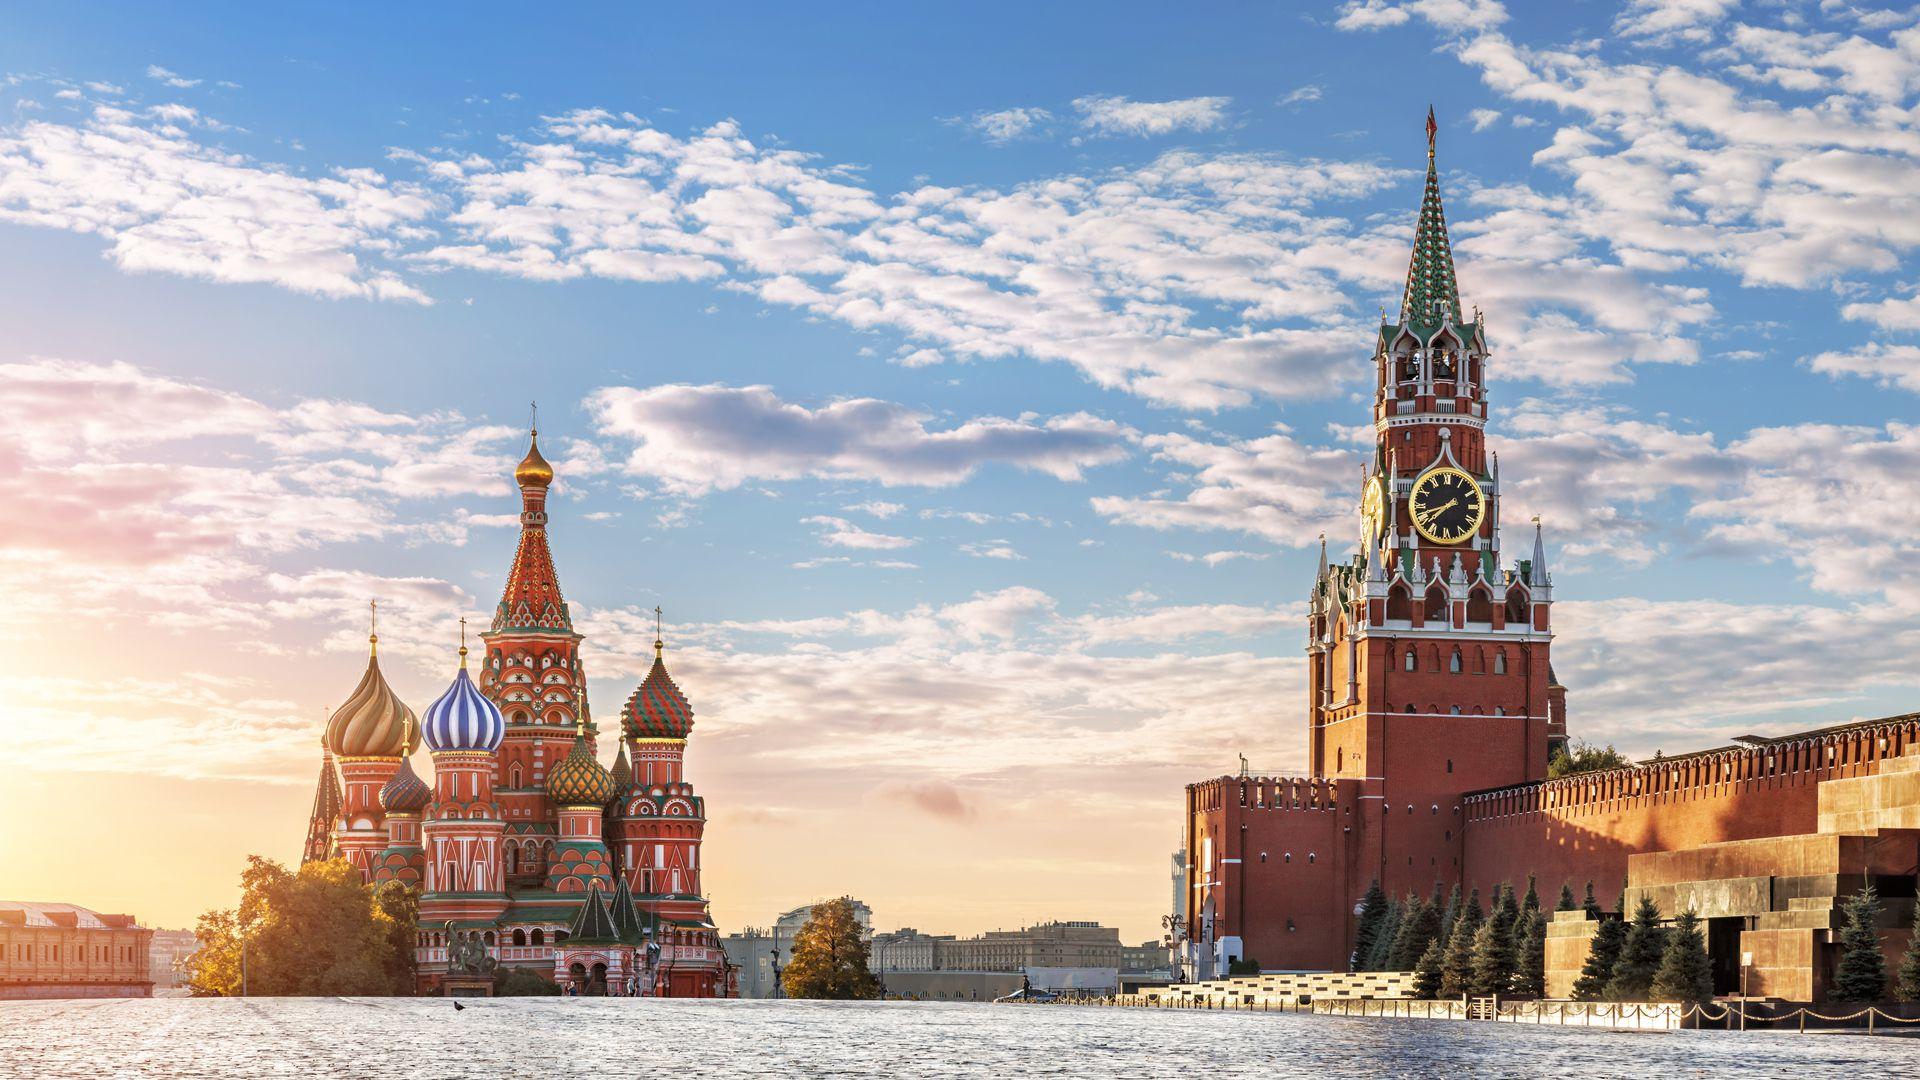 La Plaza Roja, en Moscú. Gracias a su audacia y habilidad, Kendall logró que Pepsico fuera la primera empresa occidental en vender su producto legalmente en la entonces Unión Soviética